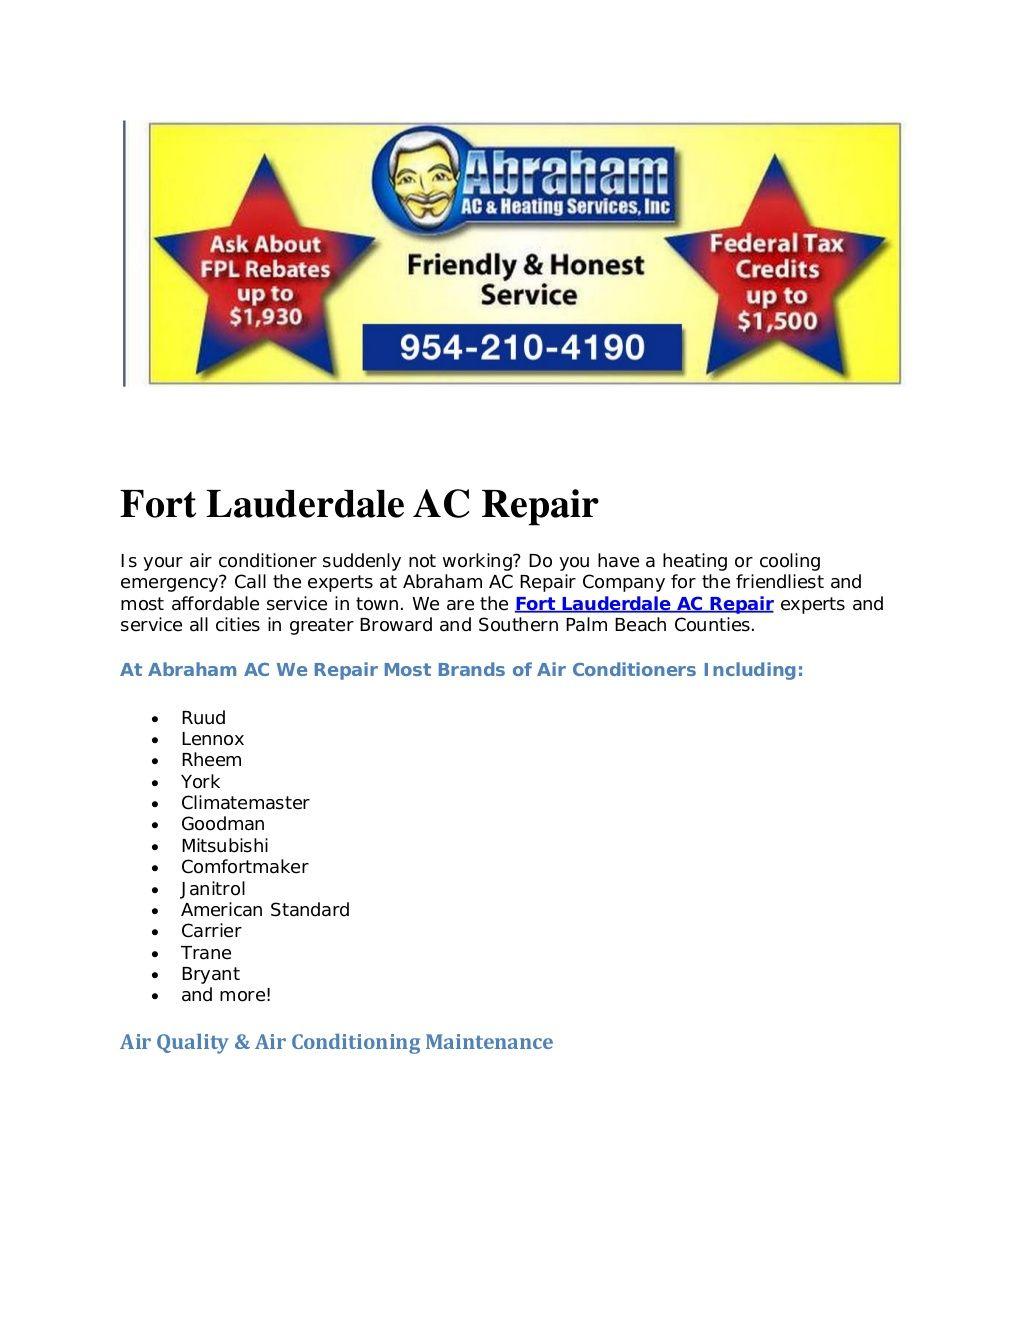 Abraham Ac Is Your Affordable Fort Lauderdale Ac Repair Ac Repair